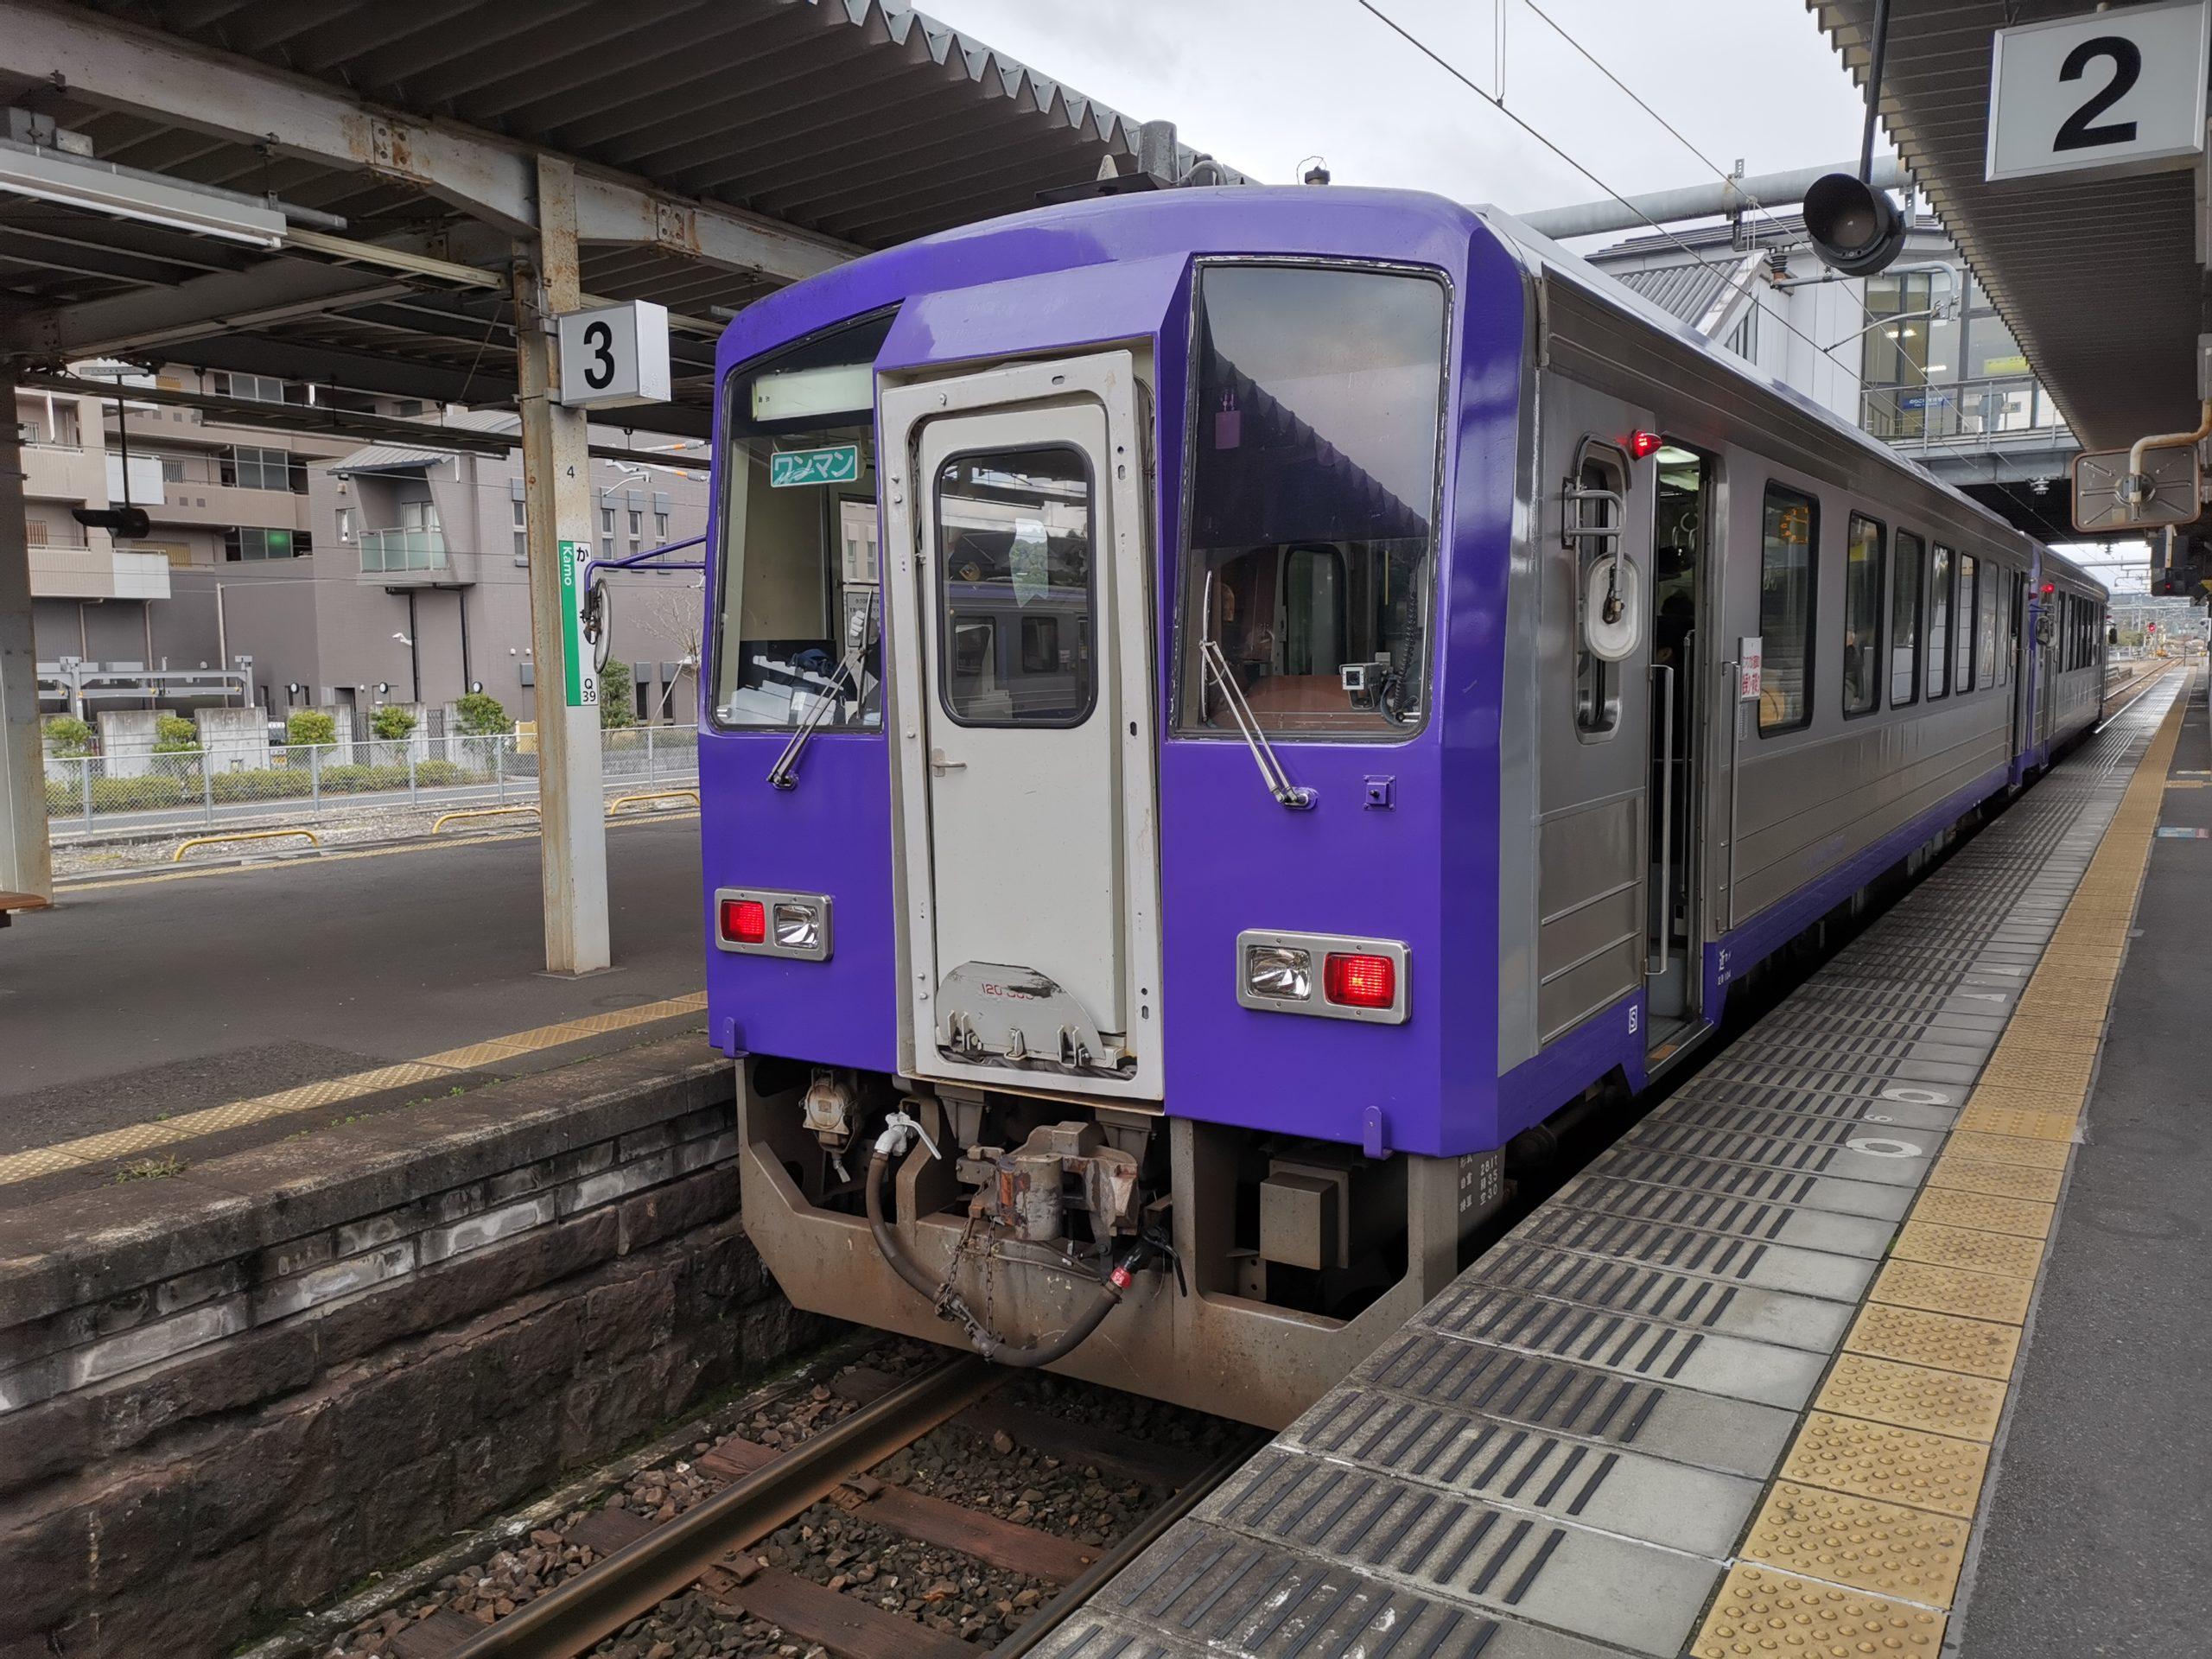 【JR西日本】150円で気動車と国鉄車両を楽しめる旅 大回り乗車してきた